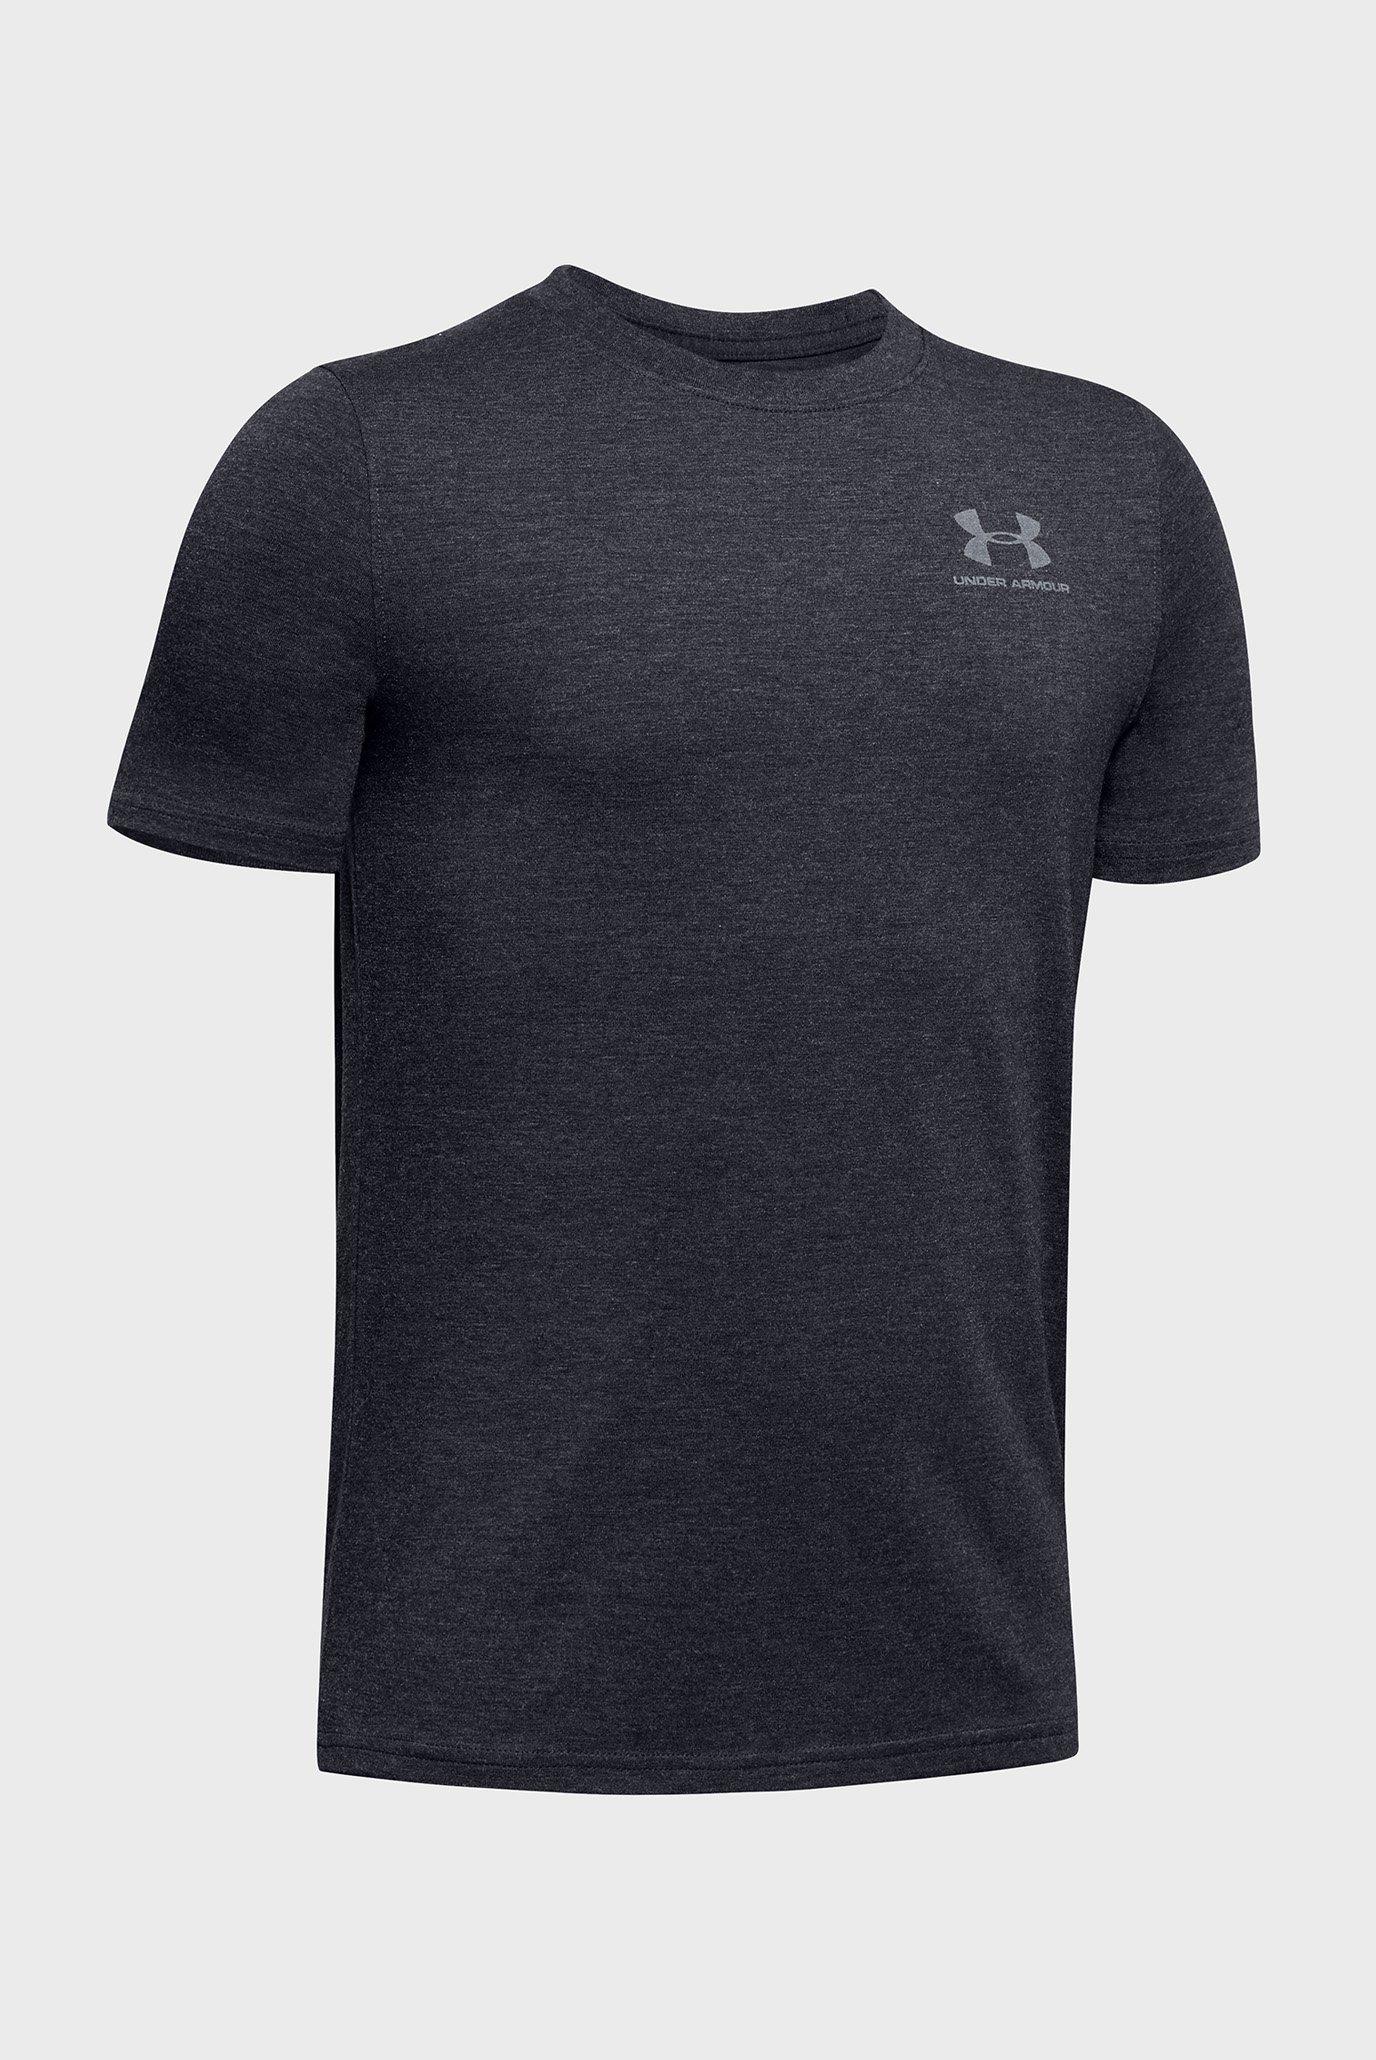 Купить Детская серая футболка UA Cotton SS Under Armour Under Armour 1347096-002 – Киев, Украина. Цены в интернет магазине MD Fashion